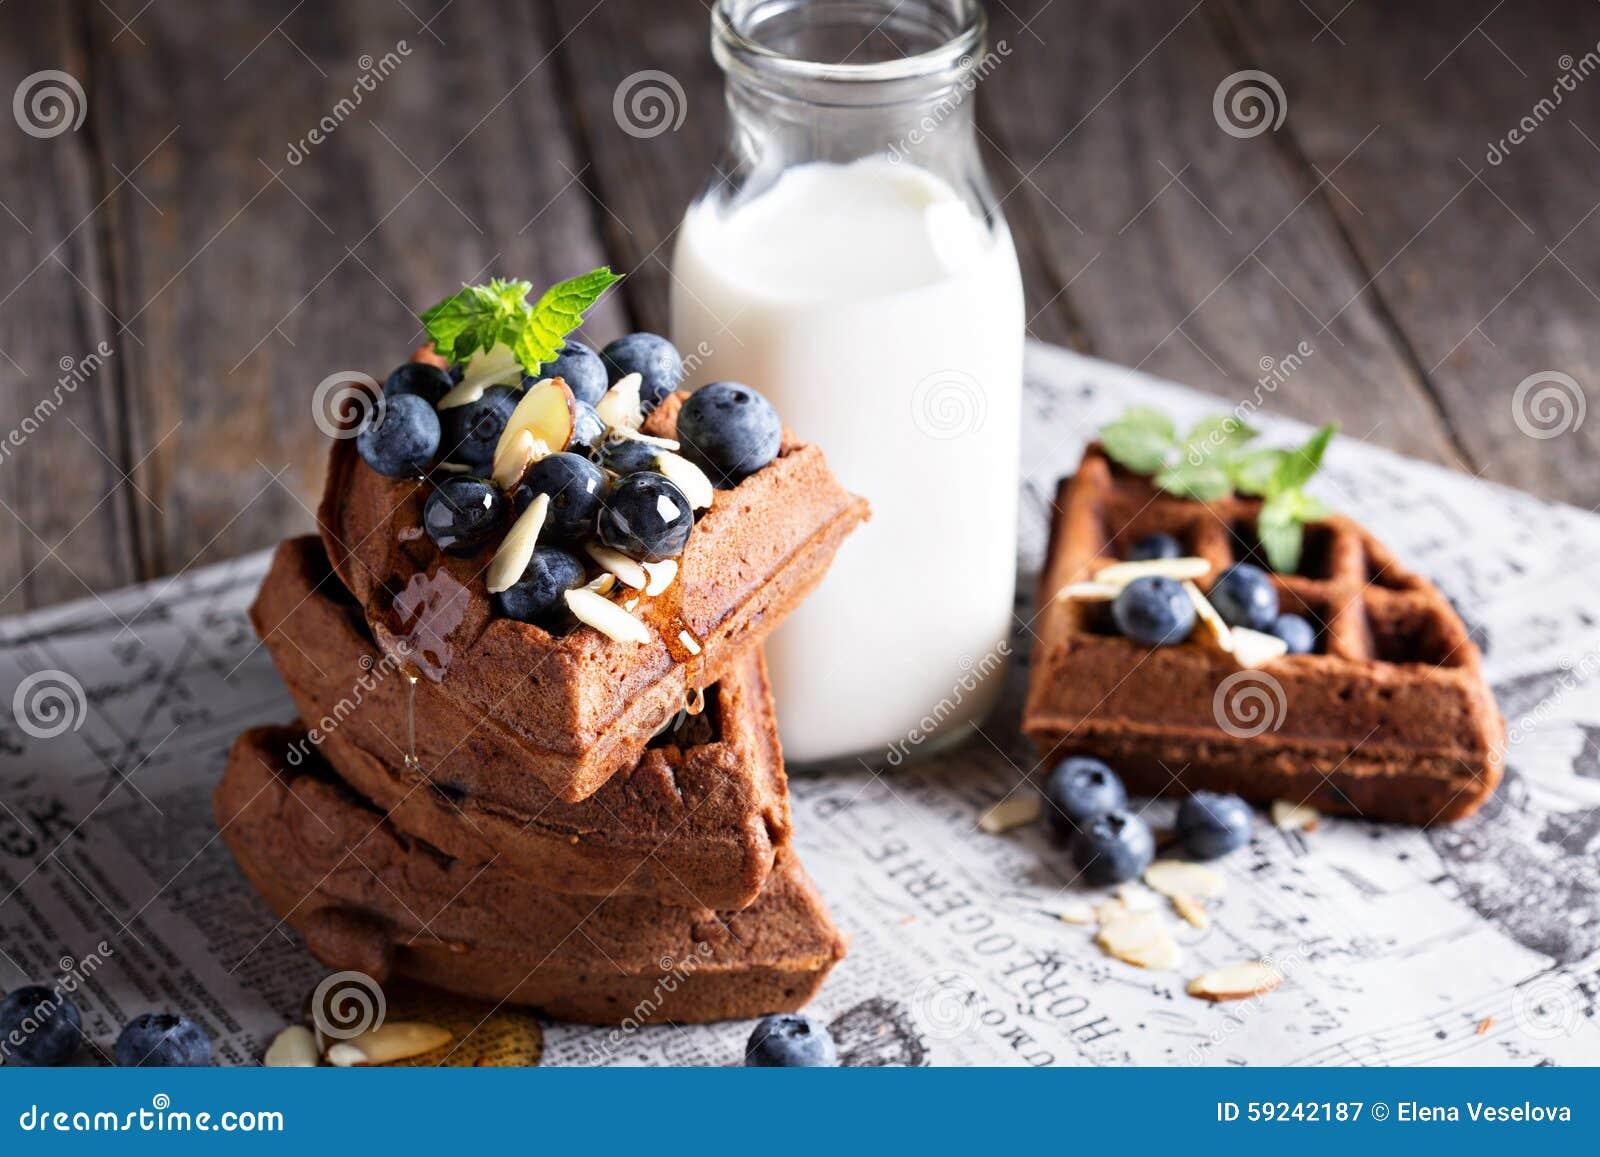 Download El Chocolate Se Enrolla Con Leche Imagen de archivo - Imagen de botella, montón: 59242187